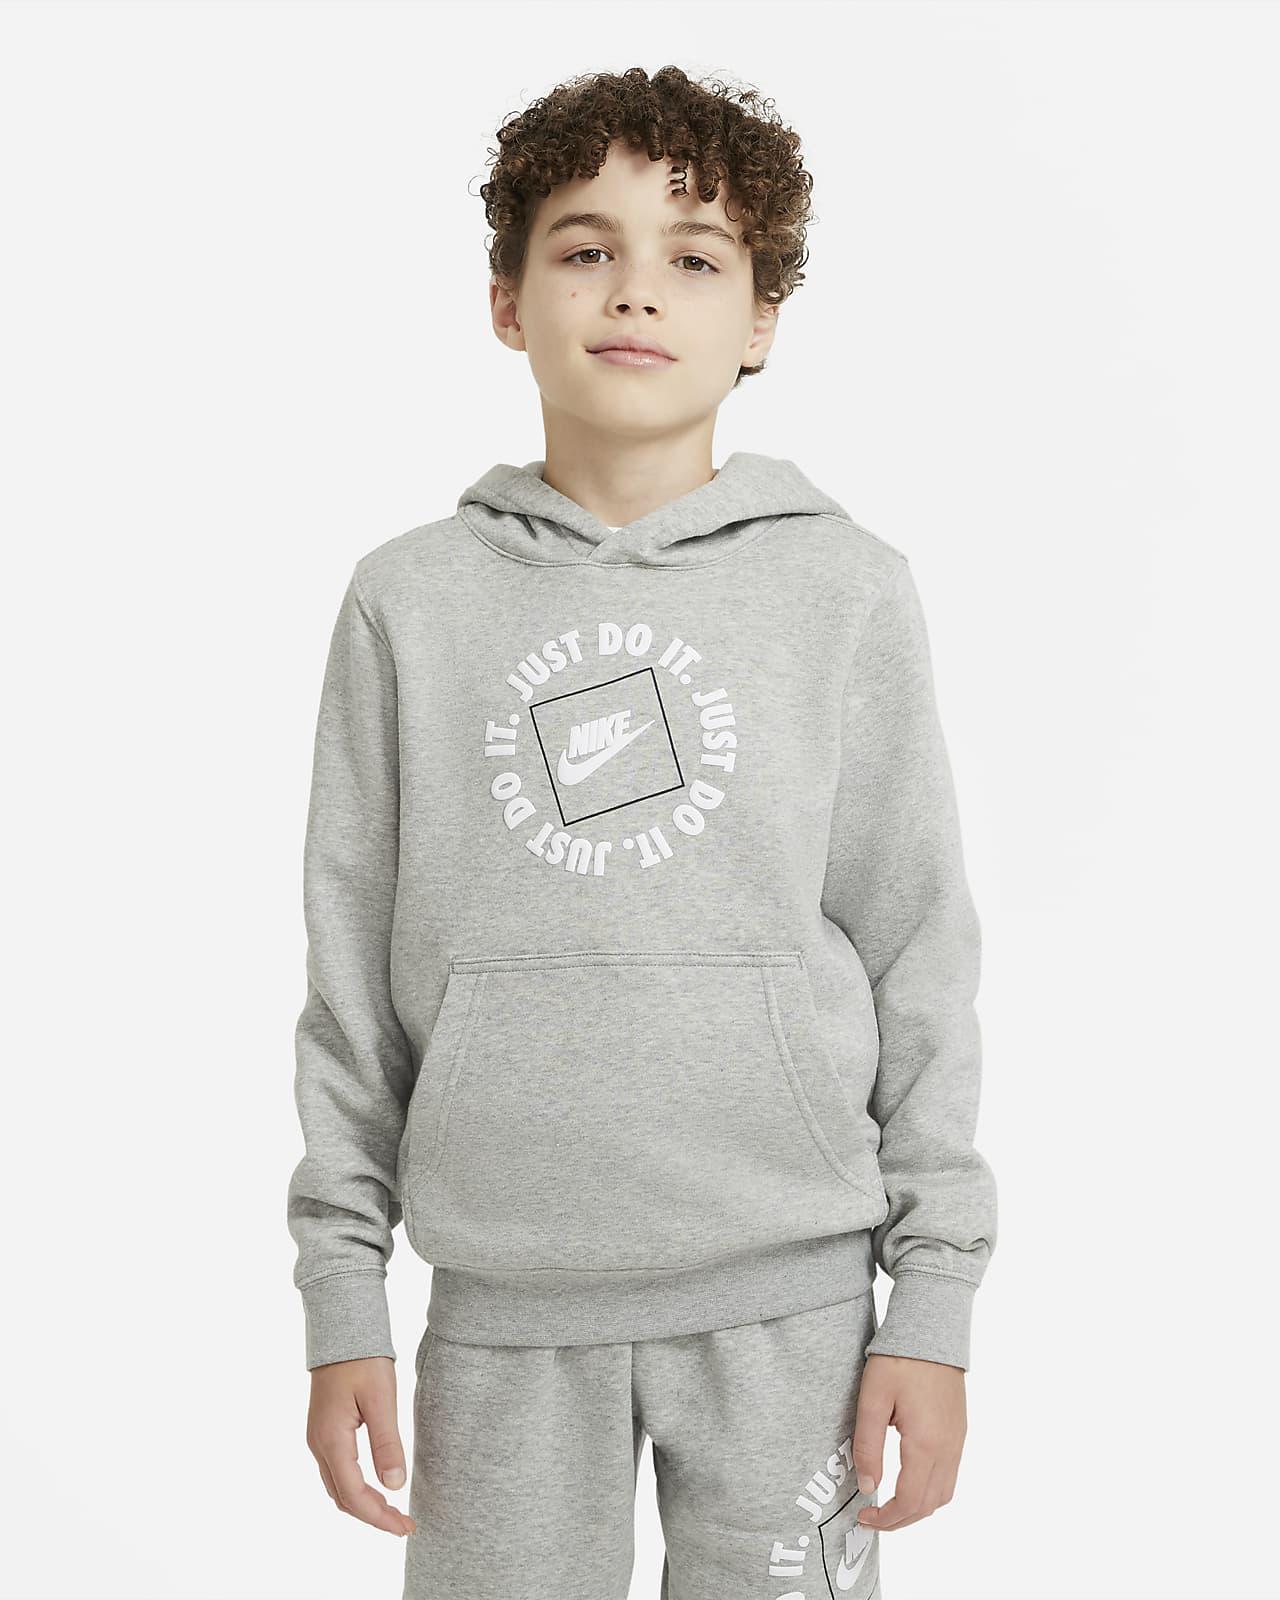 Худи для мальчиков школьного возраста Nike Sportswear JDI